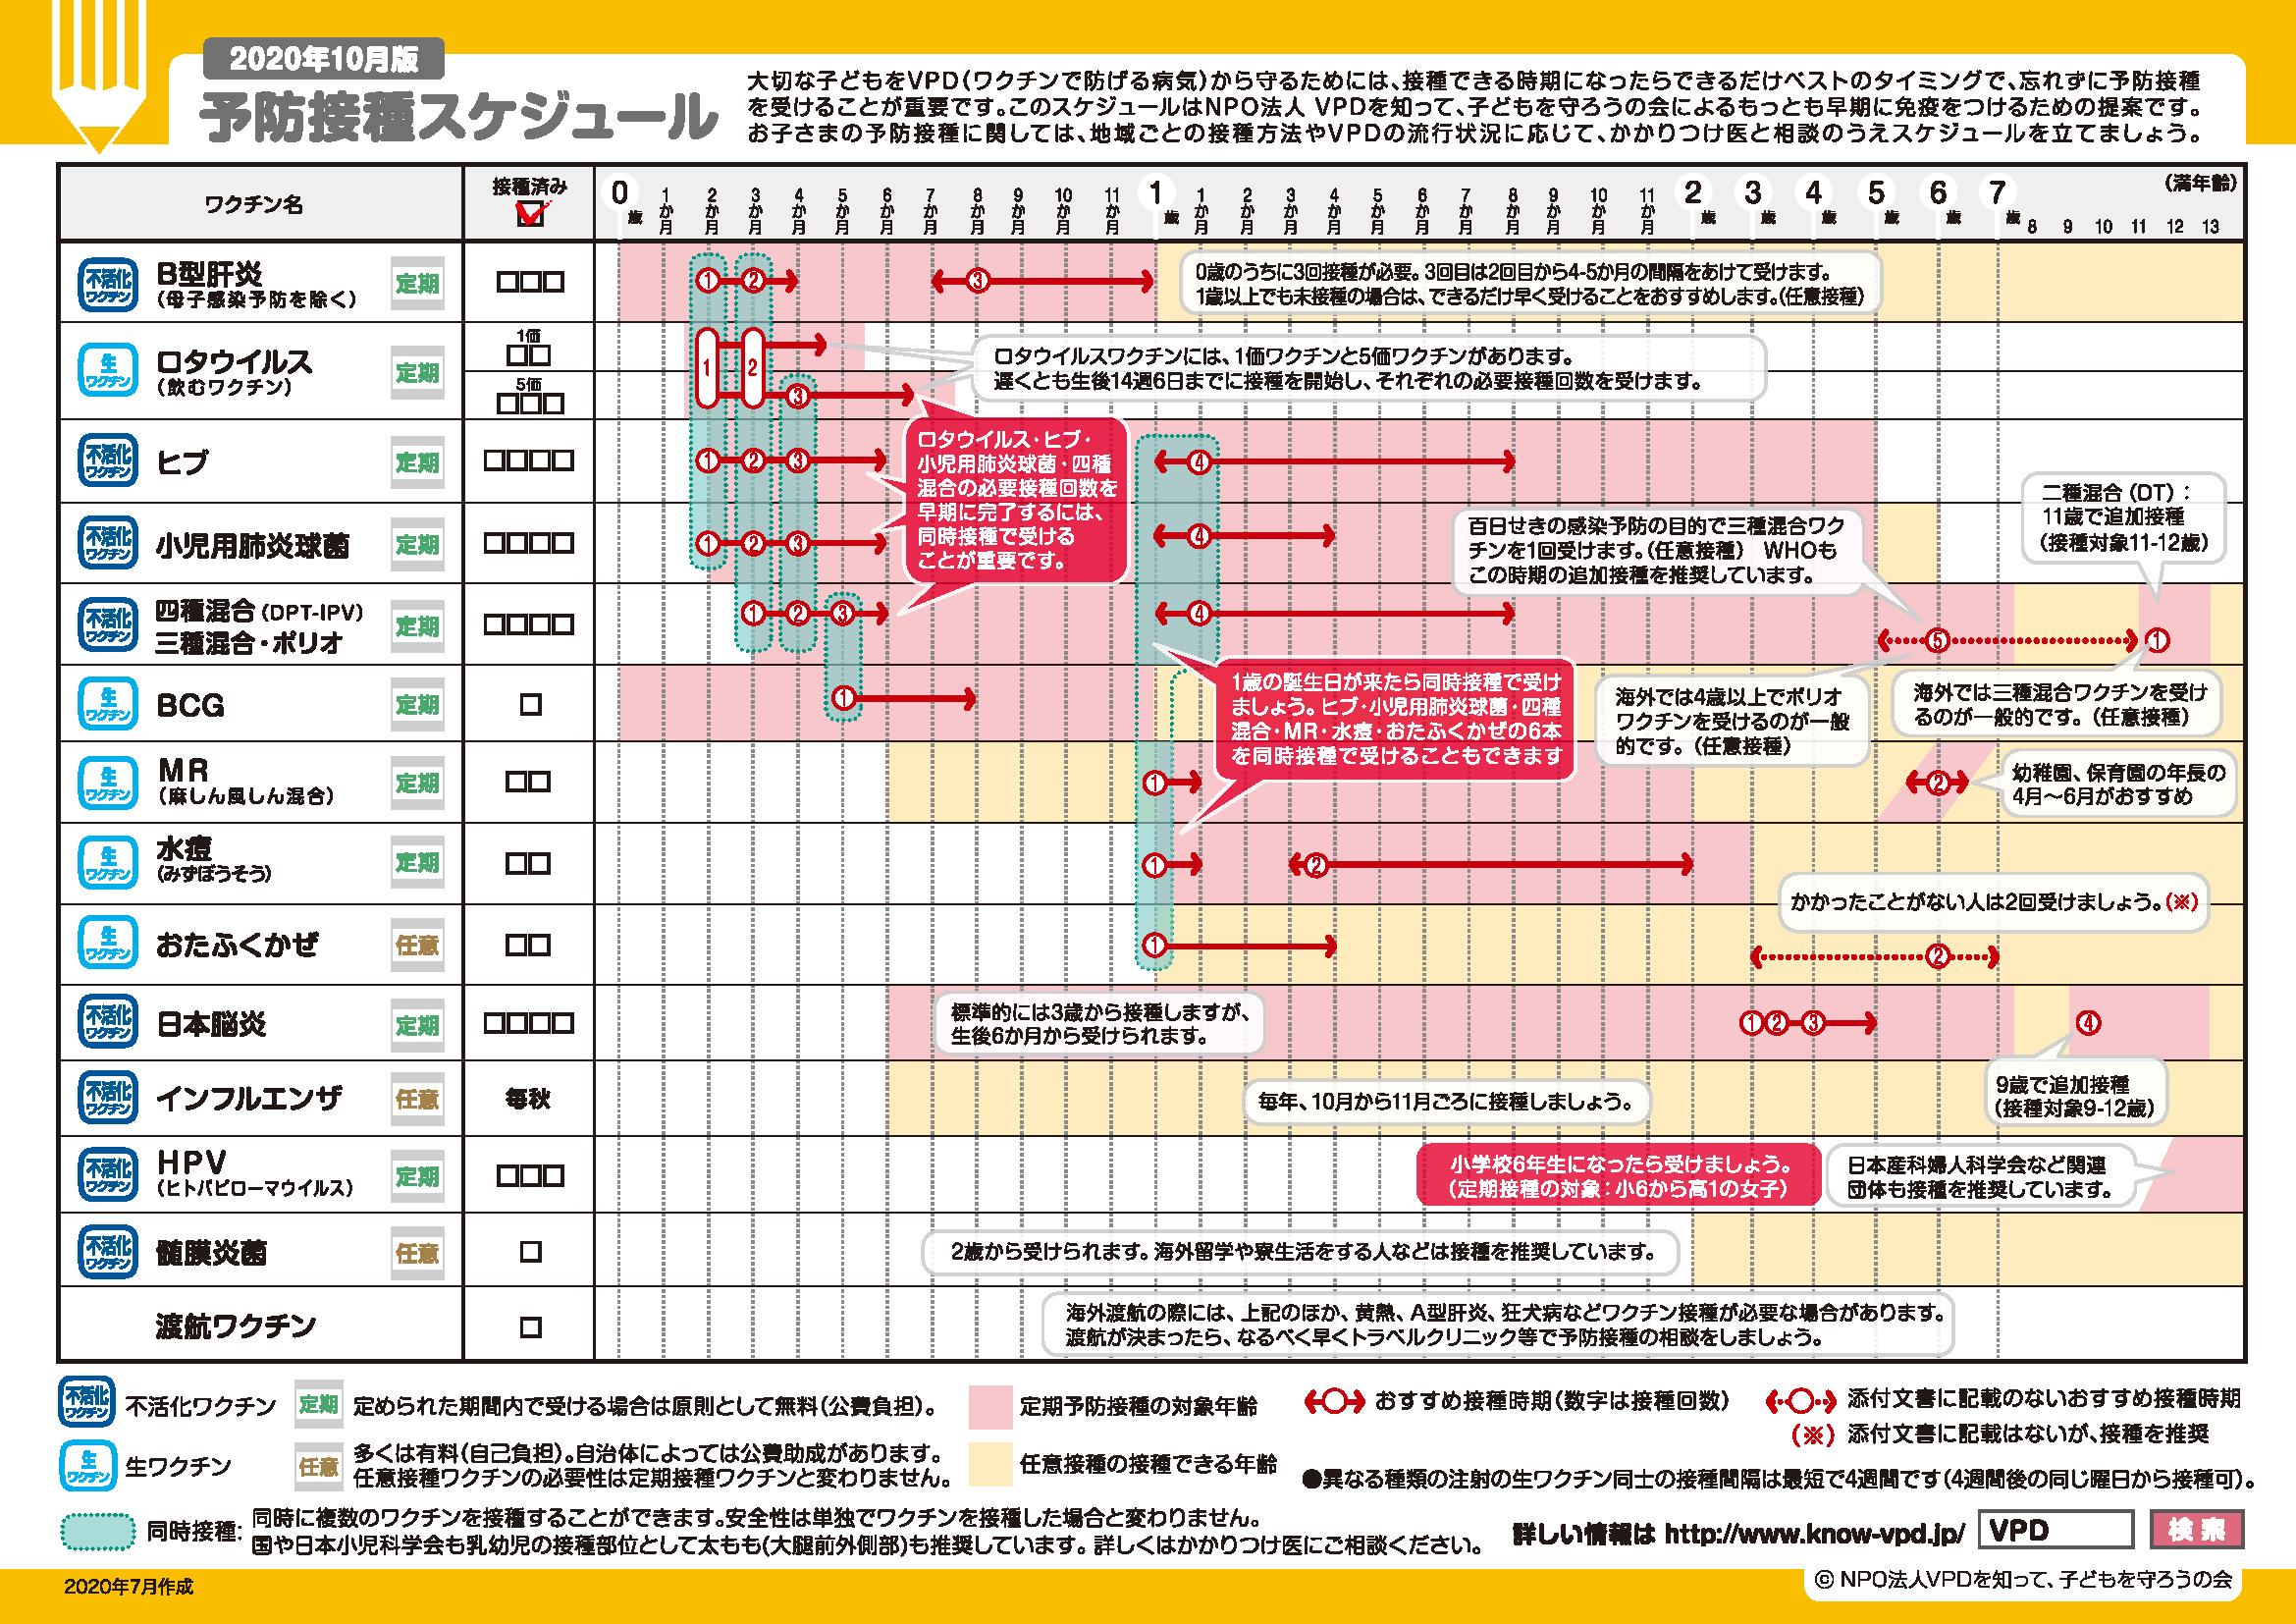 忘れ 日本 接種 脳炎 予防 受け 日本脳炎の予防接種 17年度から21年度に積極的な接種勧奨が控えられたため、必要な回数の予防接種を受けていない人が存在